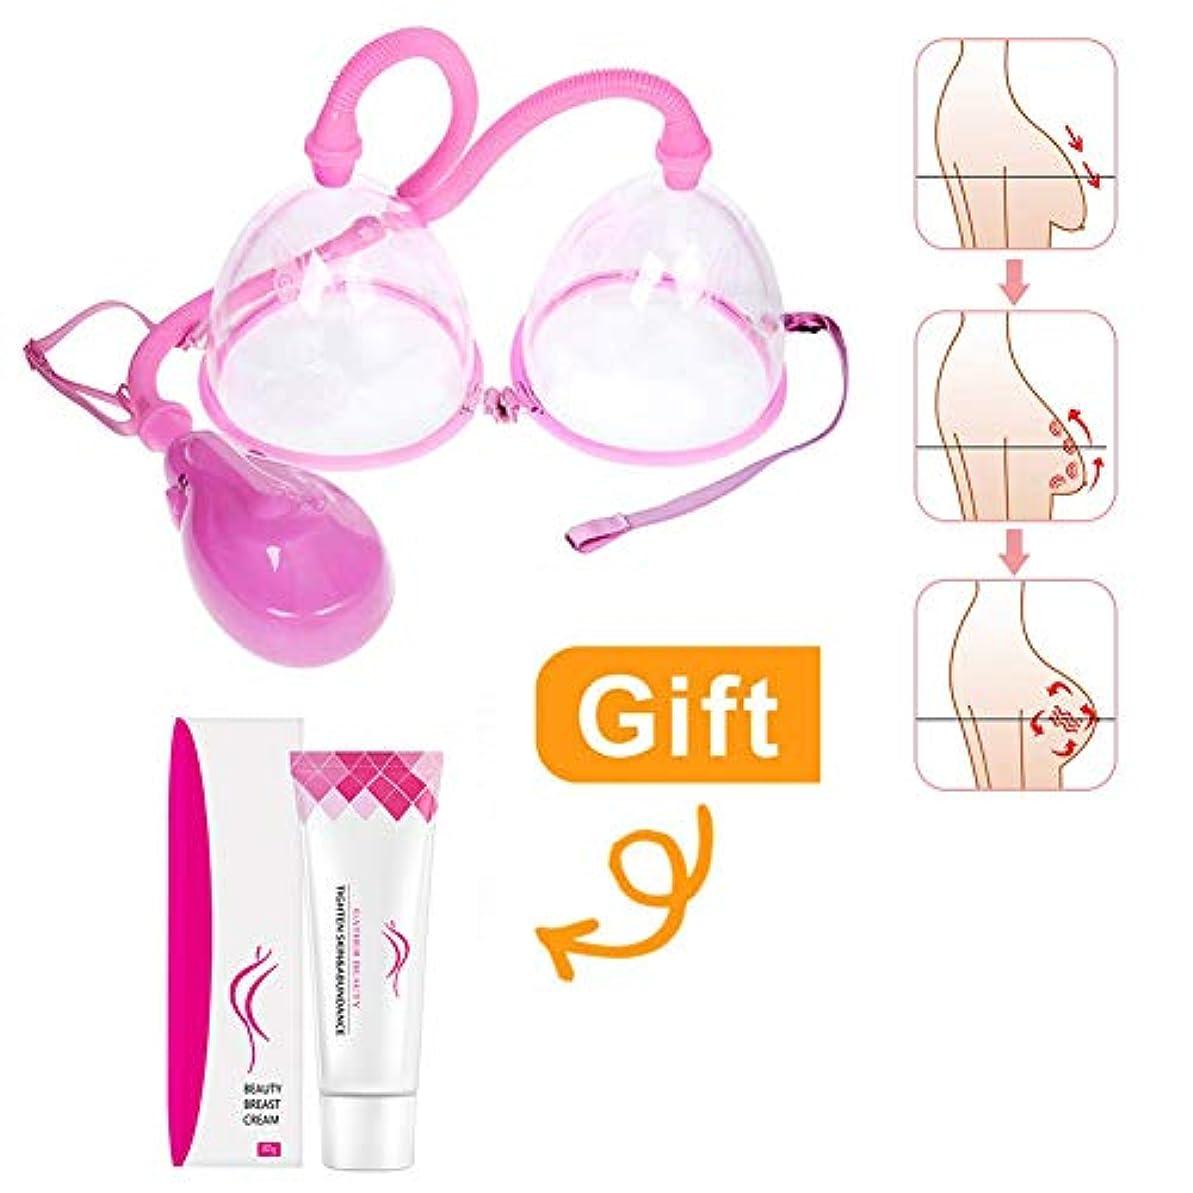 キャッチ女の子少数電気胸部マッサージ器は乳房増強器具胸の拡大クリームを持つ女性のための拡大女性胸カップ,L